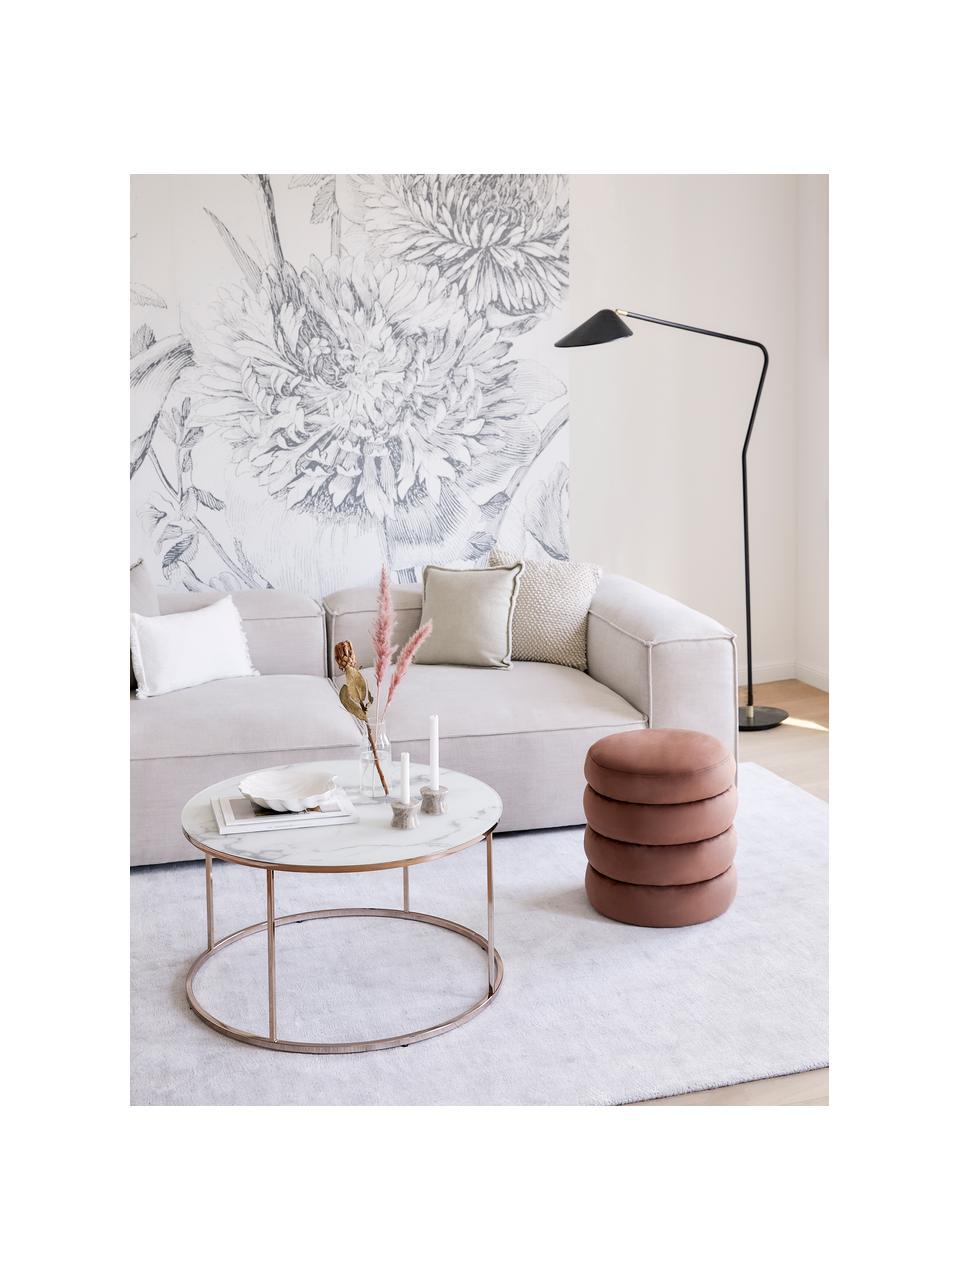 Tavolino da salotto con piano in vetro effetto marmo Antigua, Struttura: acciaio ottonato, Bianco-grigio marmorizzato, rosa dorato, Ø 80 x Alt. 45 cm